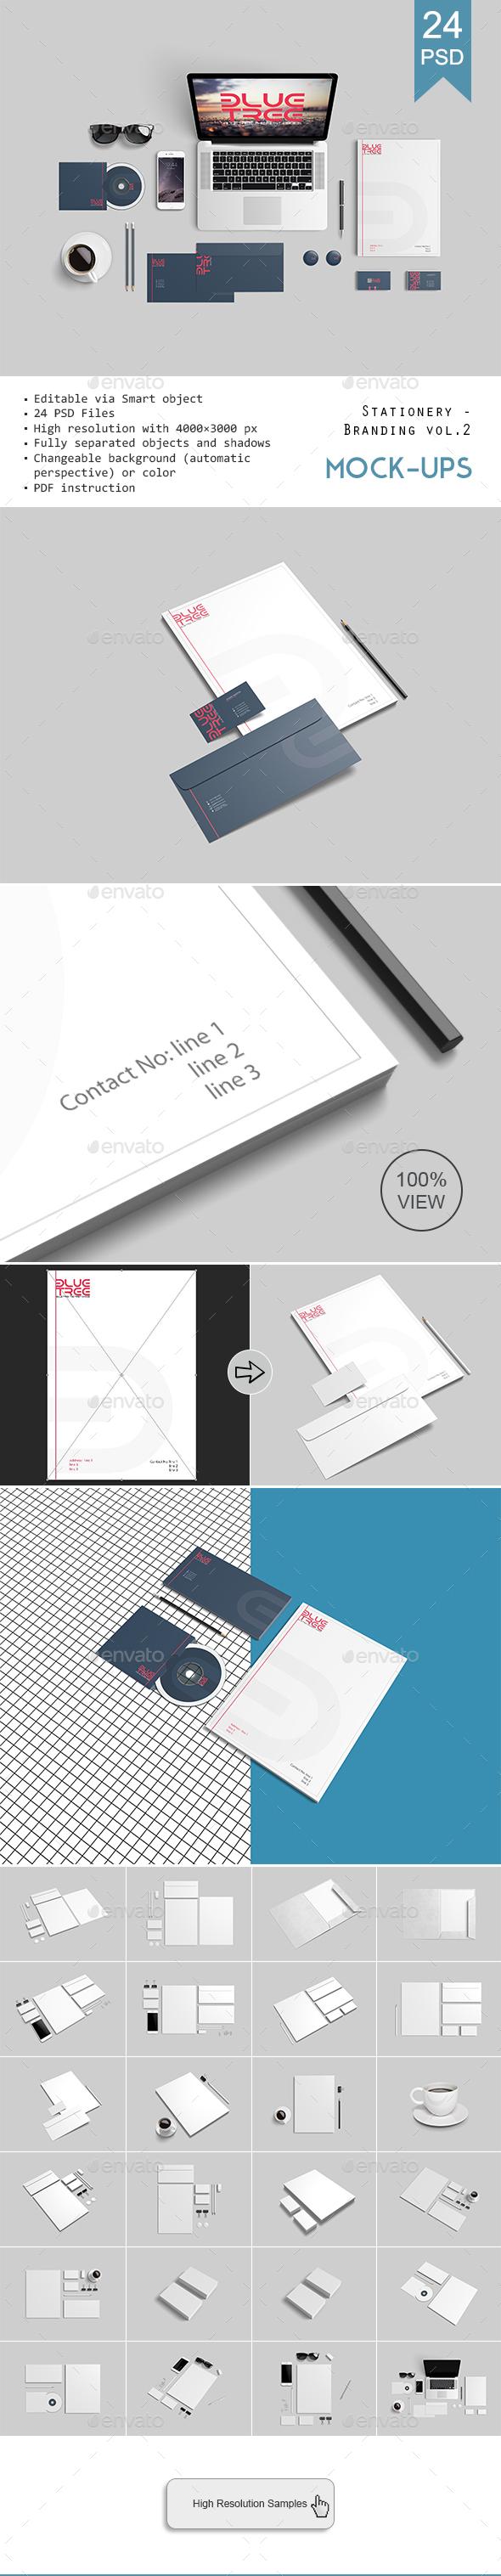 Stationery / Branding Mockups V2 - Stationery Print